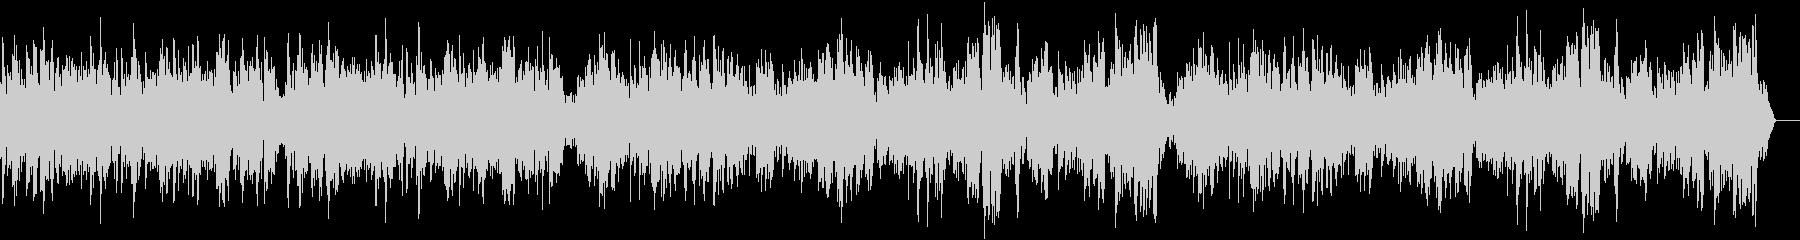 バッハ_インヴェンション第6番_ピアノの未再生の波形